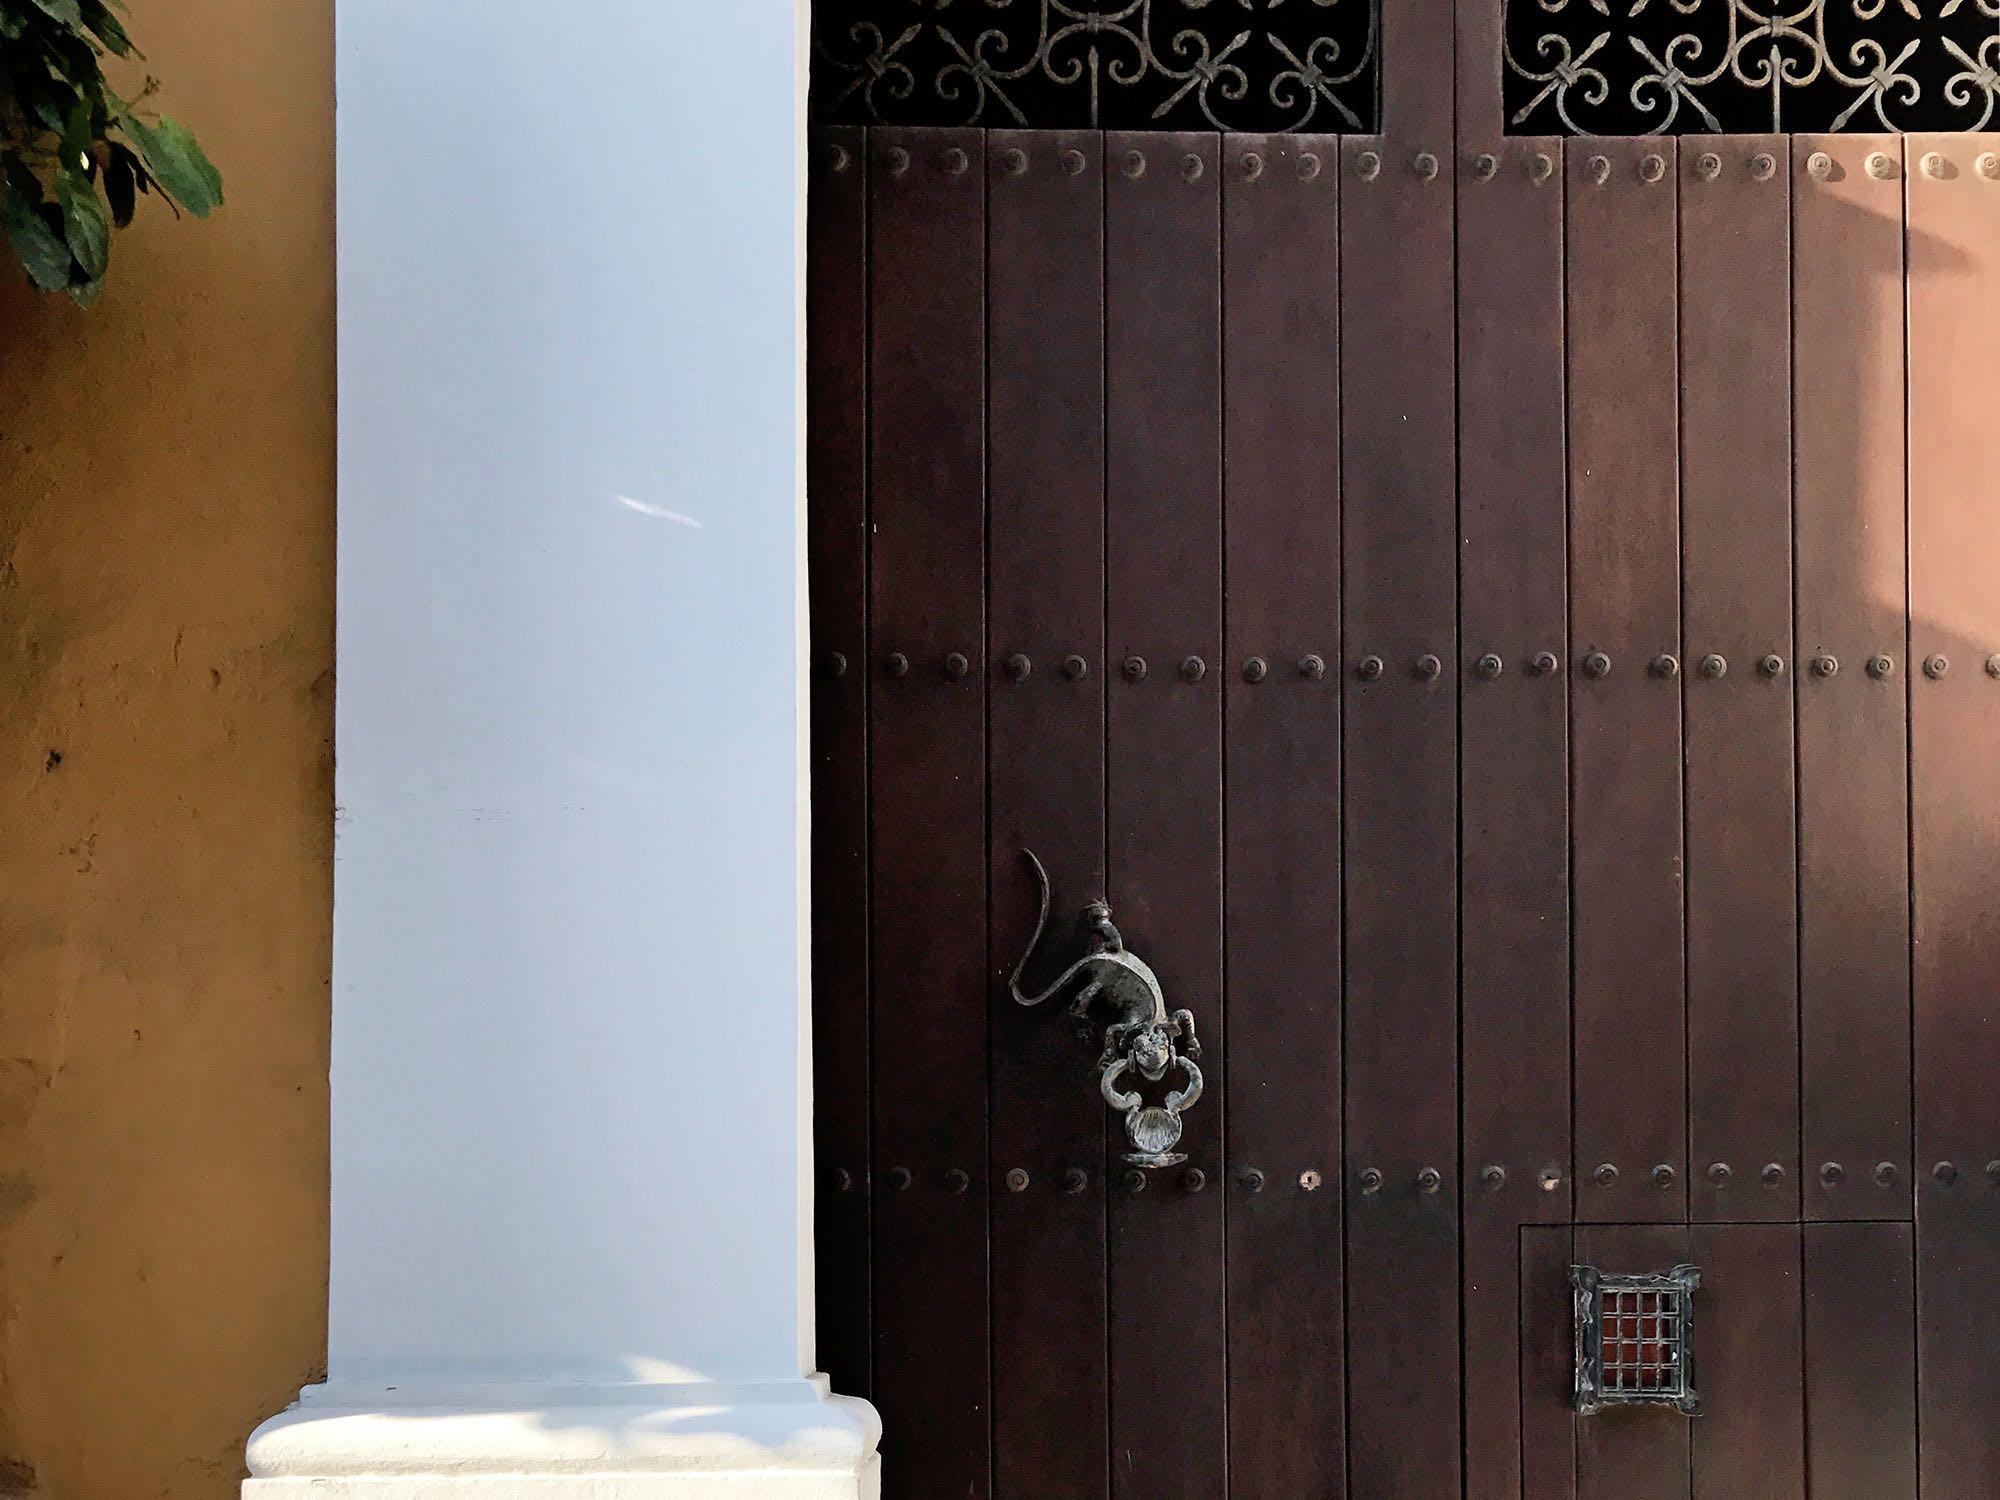 iguana door knocker in Cartagena, Colombia  | pictures of Cartagena, Colombia